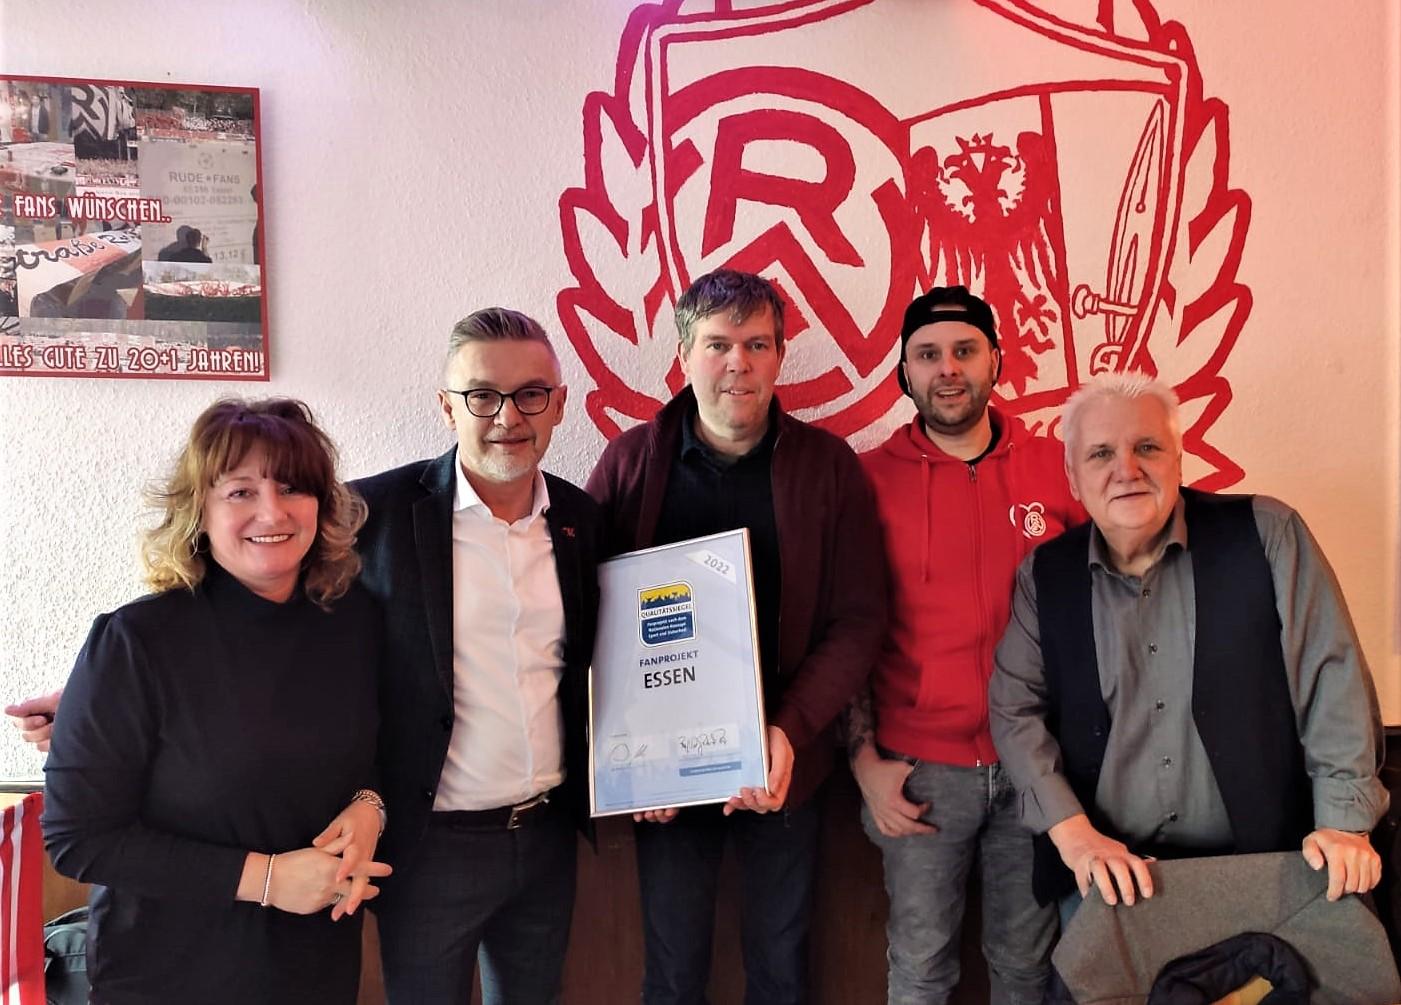 Letzte Woche Dienstag wurde dem Fanprojekt die Auszeichnung übergeben.